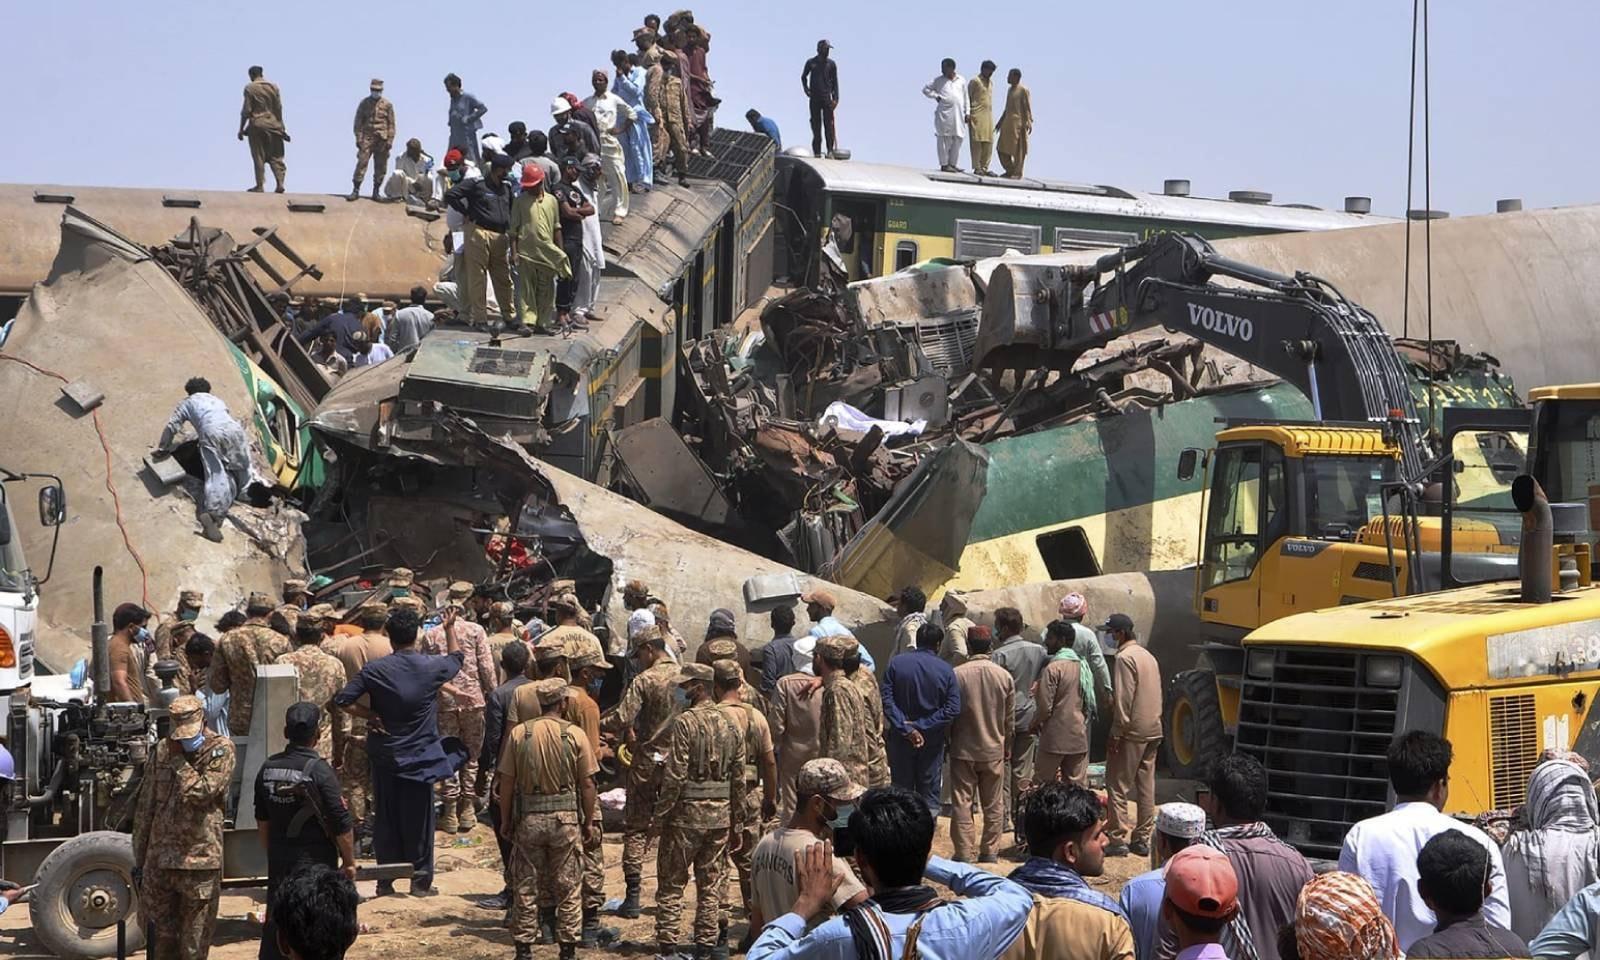 دو مسافر ٹرینوں کے تصادم کے نتیجے میں 40 افراد جاں بحق ہوئے—فوٹو: اے پی